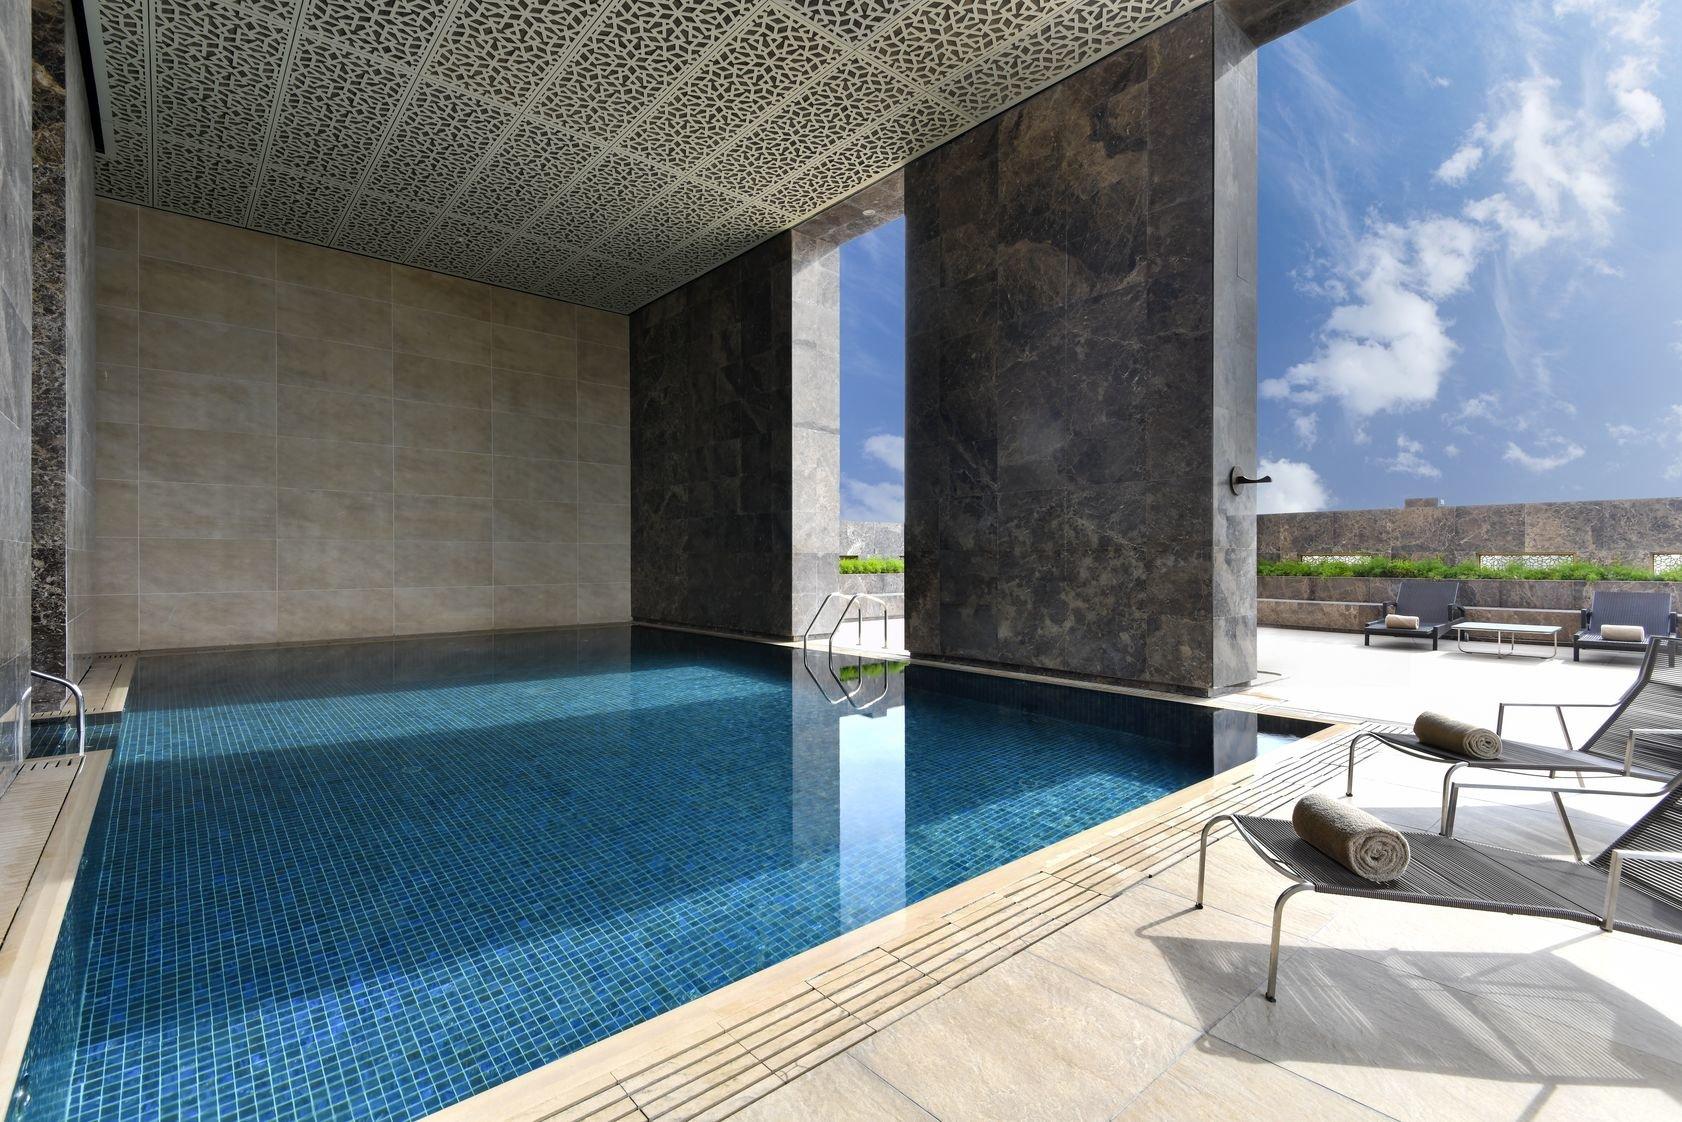 Ad Rental Apartment Doha West Bay, 1 Rooms ref:L1887DA